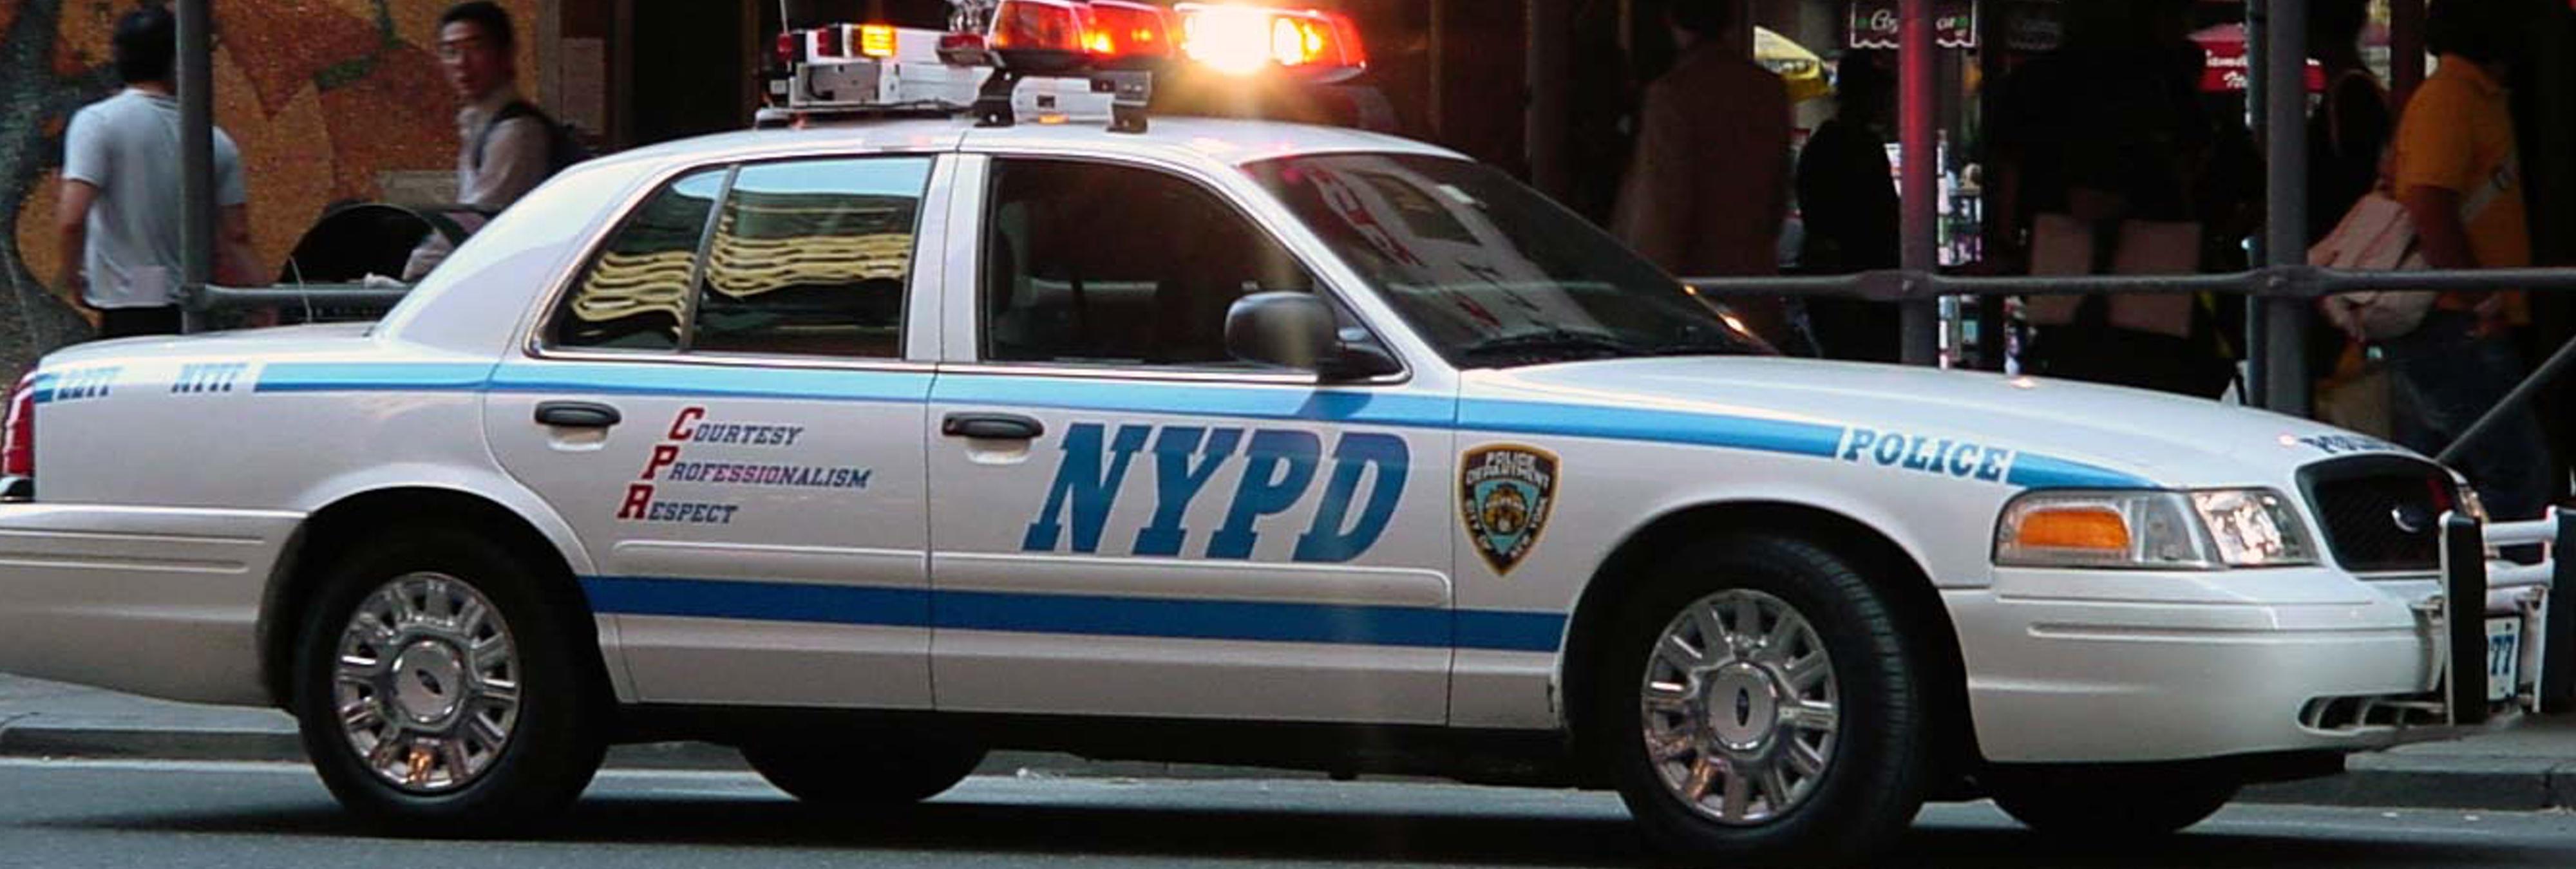 Cuatro heridos en un intento de atentado en el centro de Nueva York